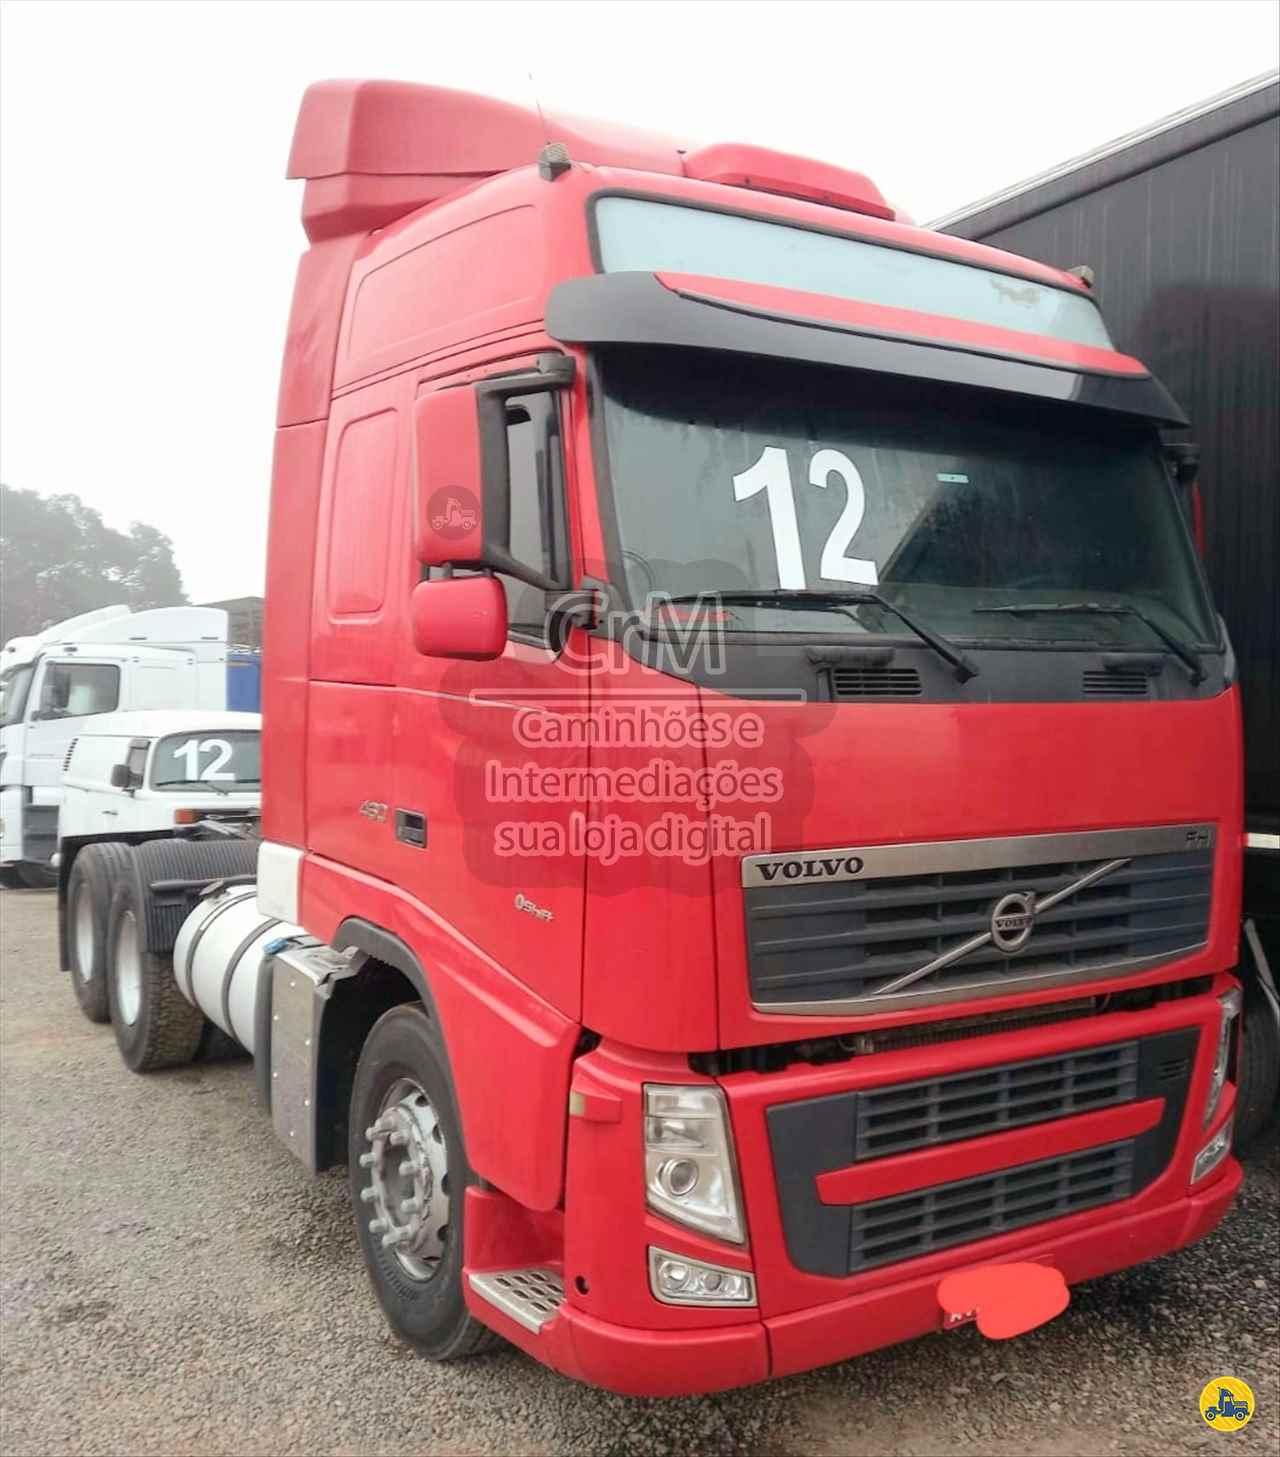 CAMINHAO VOLVO VOLVO FH 460 Cavalo Mecânico Truck 6x2 CRM Caminhões Curitiba CAMPINA GRANDE DO SUL PARANÁ PR